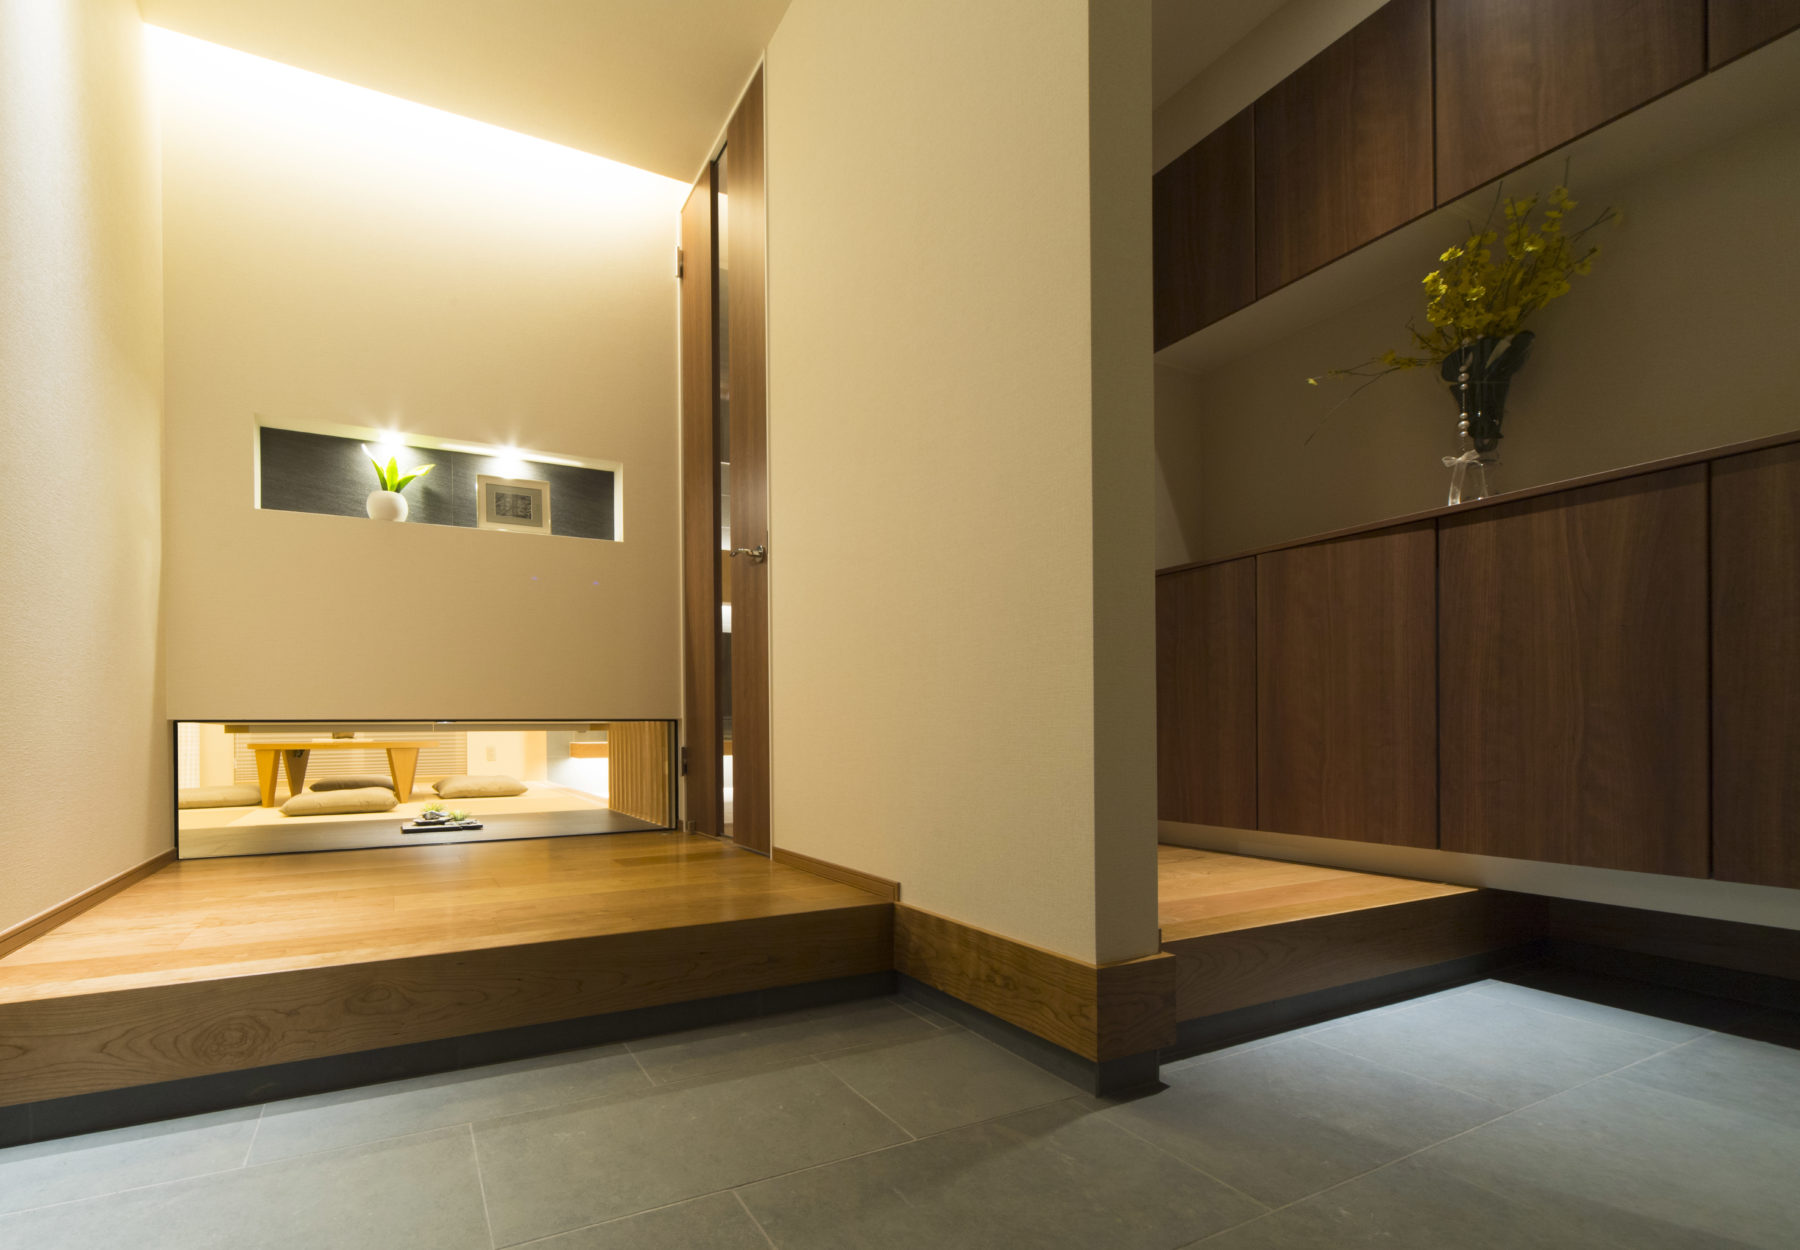 """実は、玄関からちらりと和室がのぞきます。""""分ける・つながる""""が絶妙なバランスで調整されたことで、  デザインと機能面の両方を兼ね備えた玄関空間に。"""